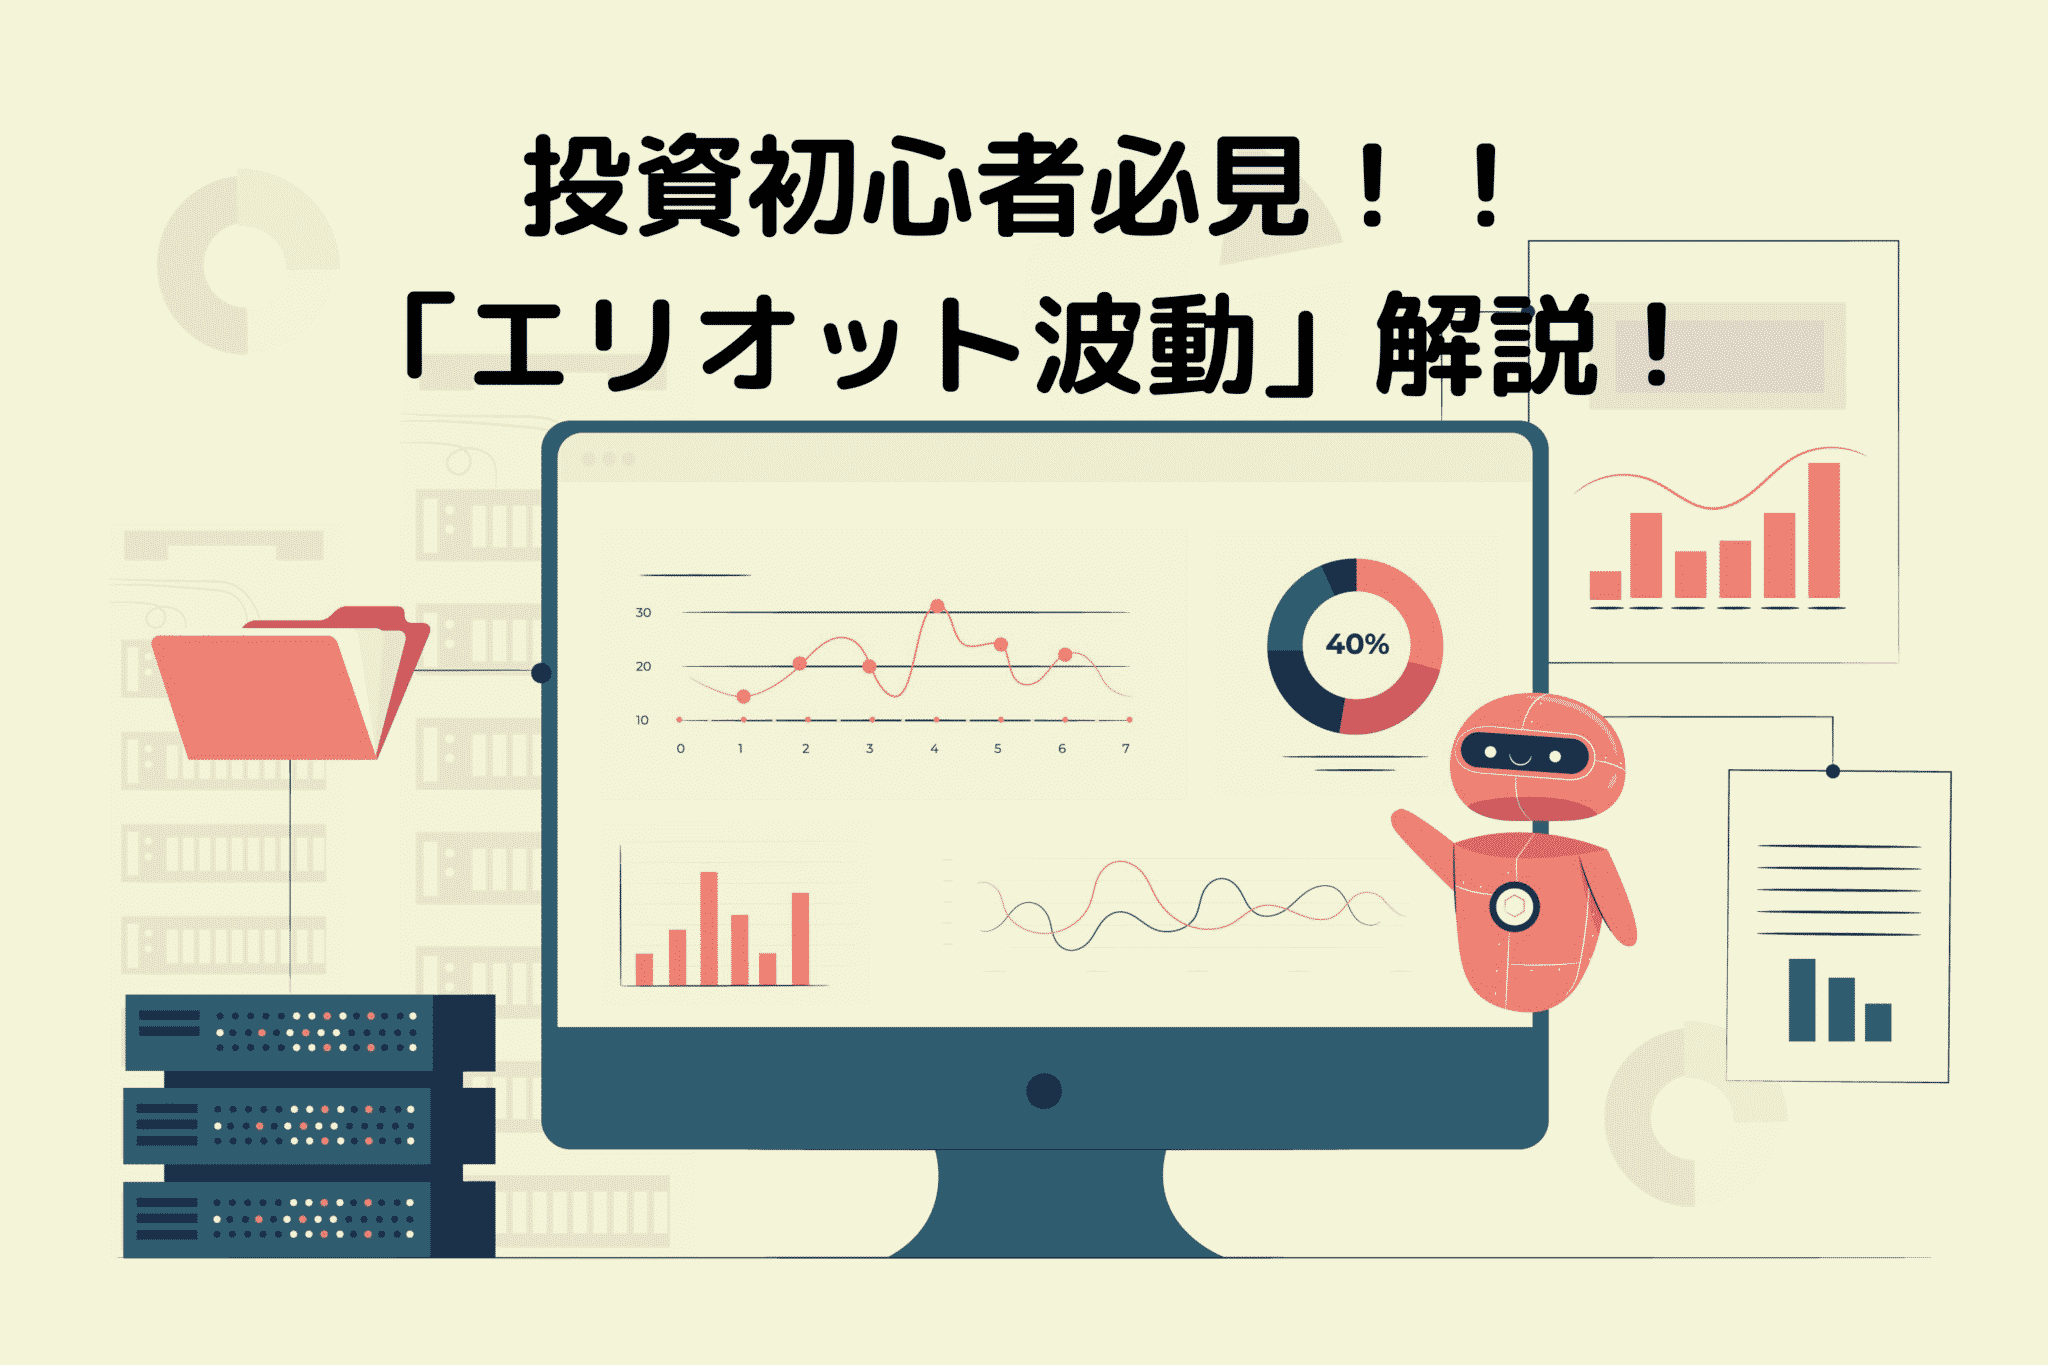 【アイキャッチ】エリオット波動?仮想通貨初心者におすすめのテクニカル分析